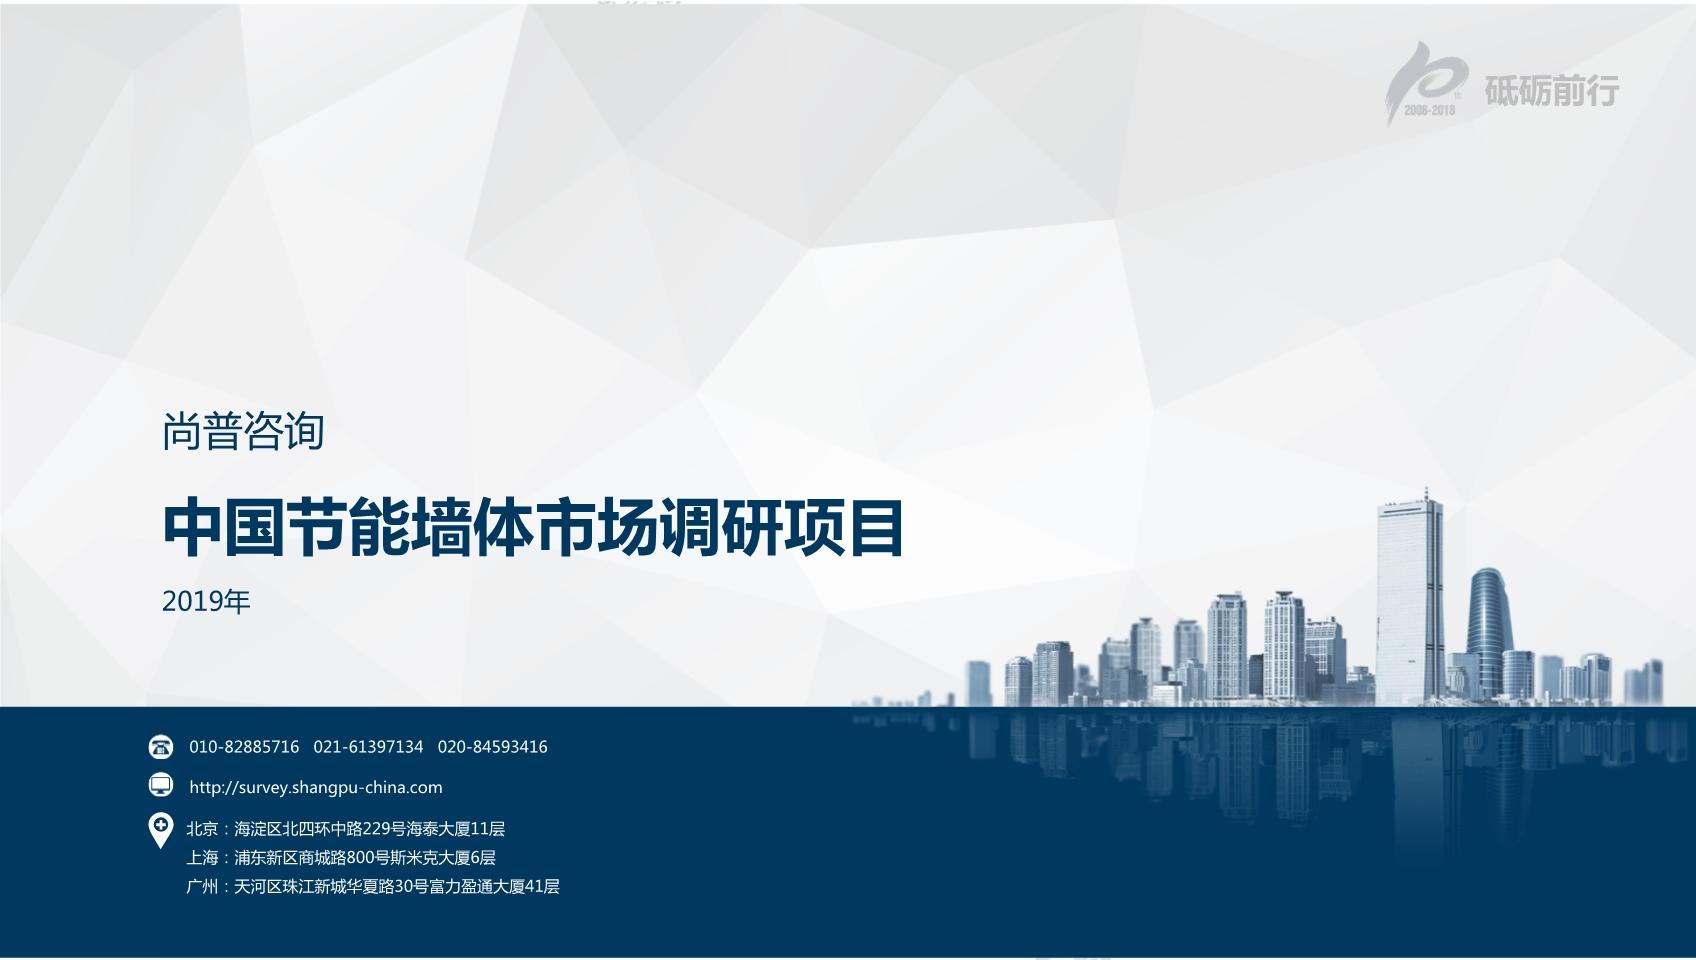 尚普咨询-中国节能墙体市场调研项目